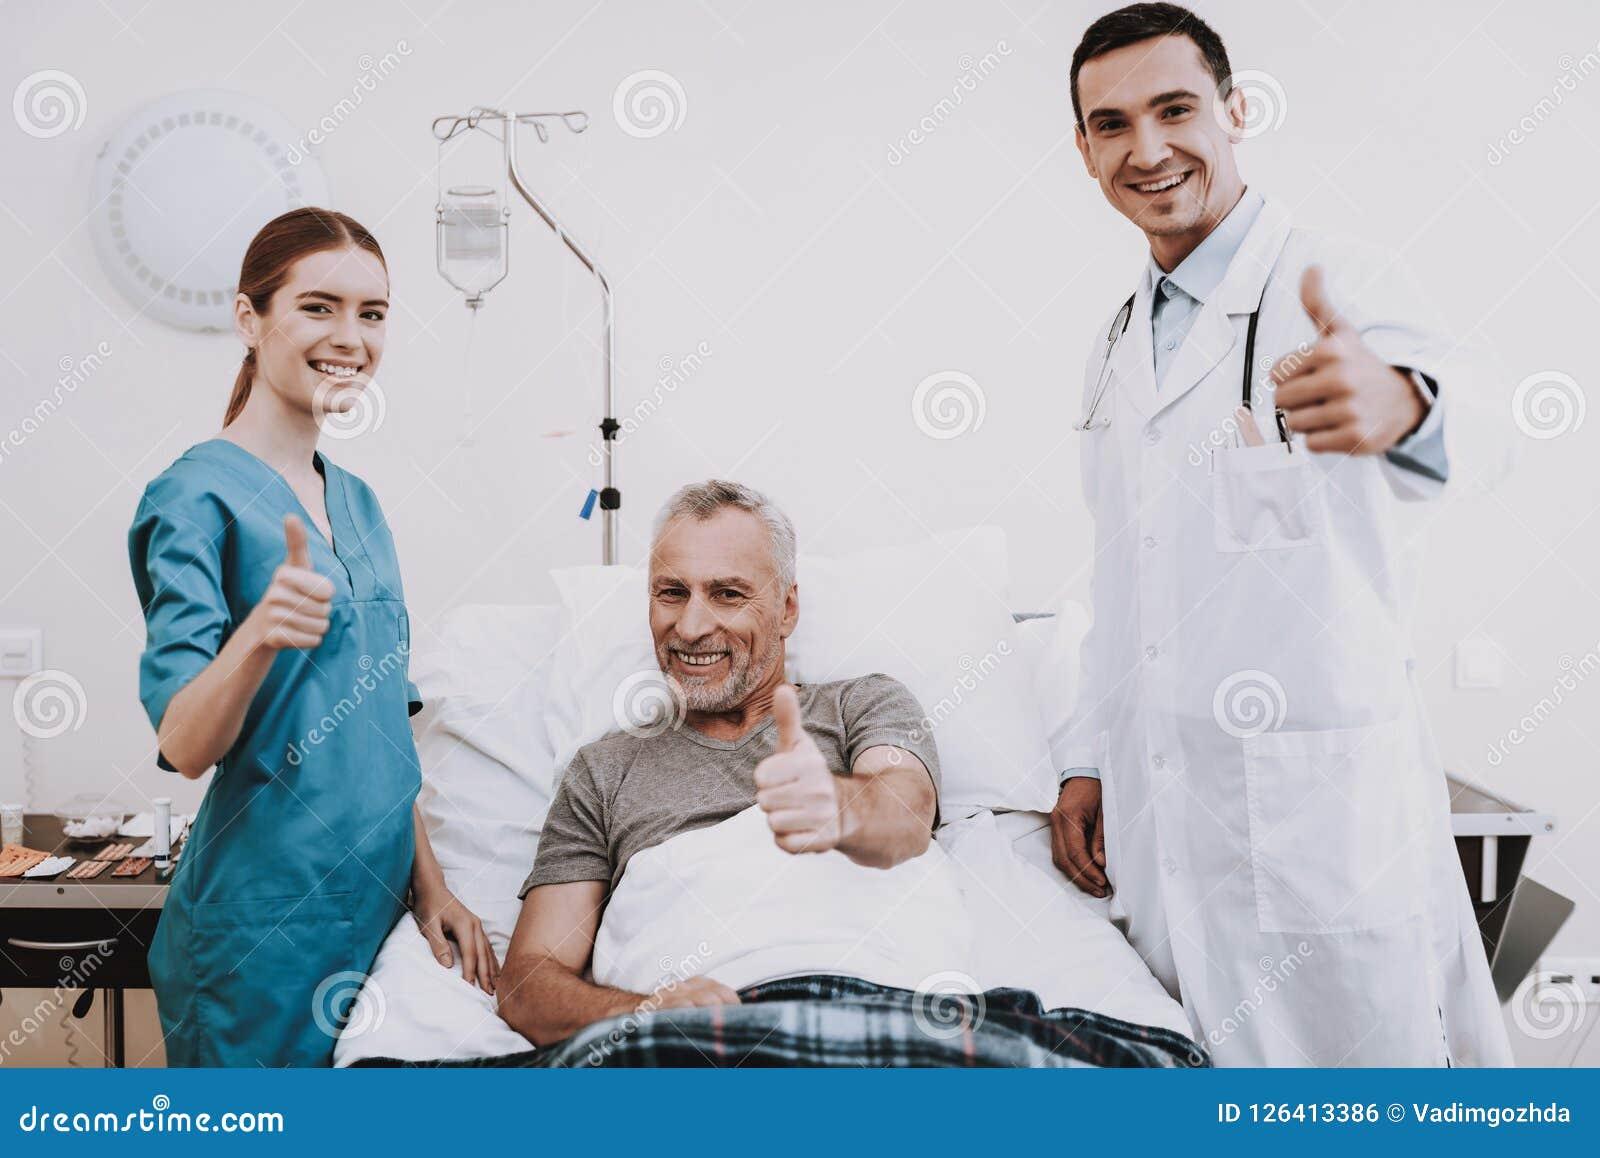 医生和护士在Clinik 在诊所的疗法